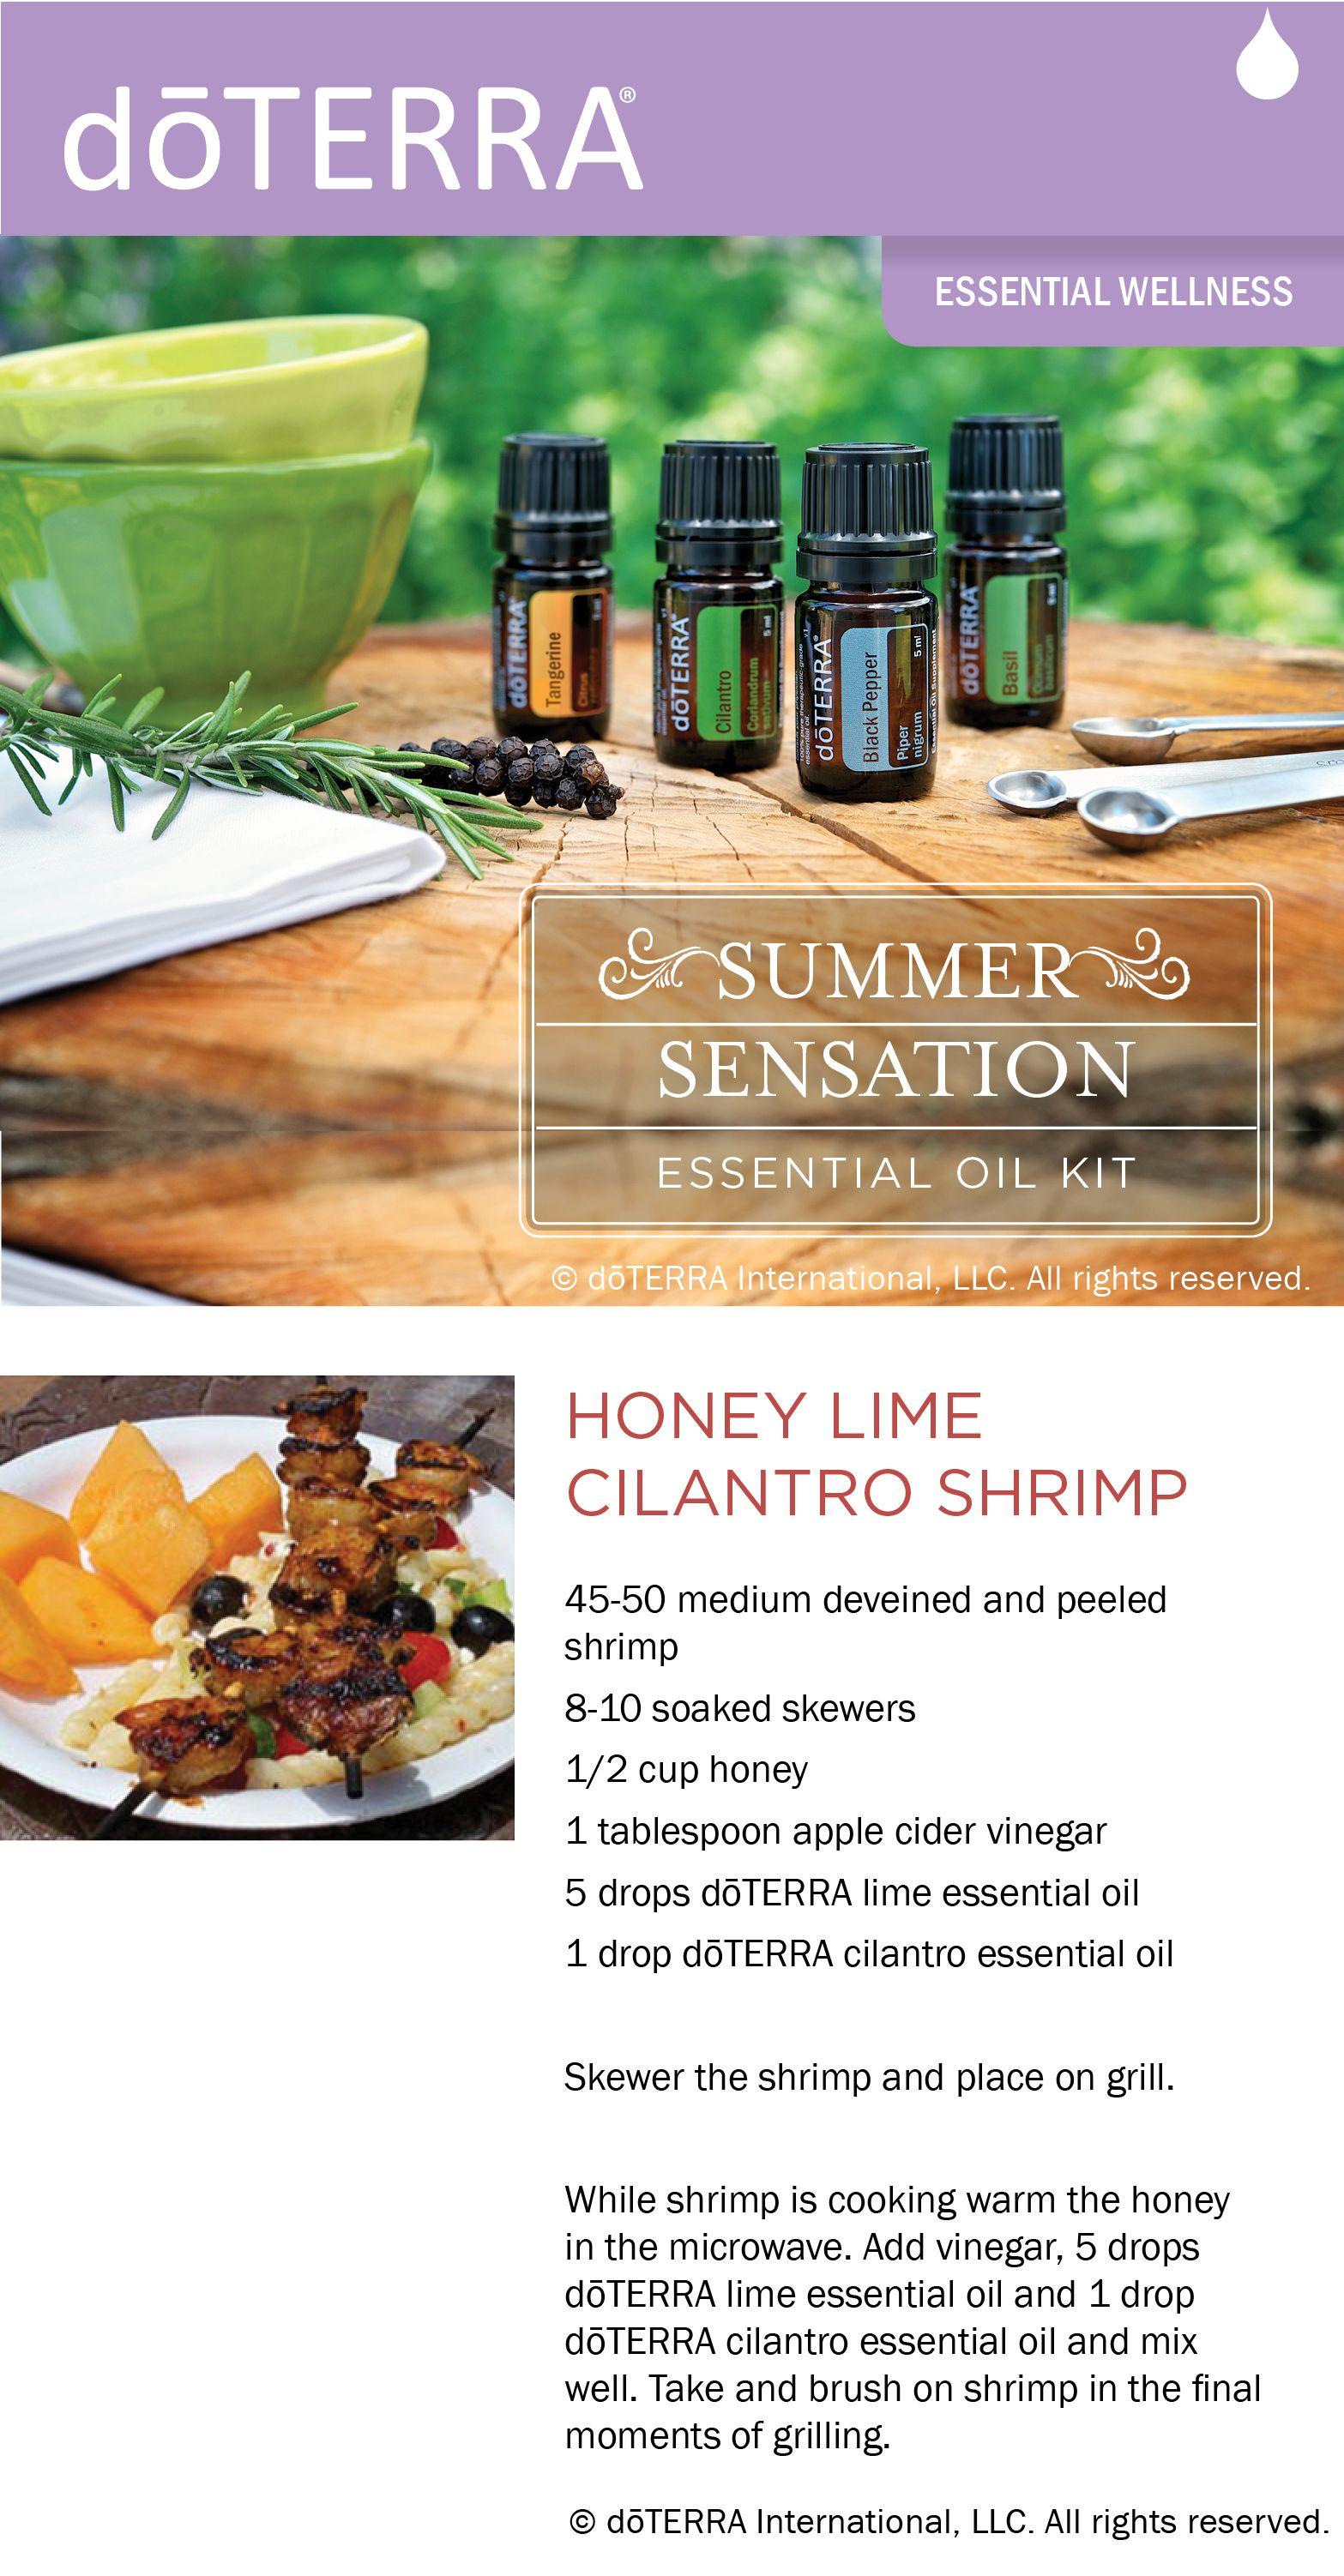 Recipe for honey lime cilantro shrimp made with dterra lime and recipe for honey lime cilantro shrimp made with dterra lime and cilantro essential oils forumfinder Images